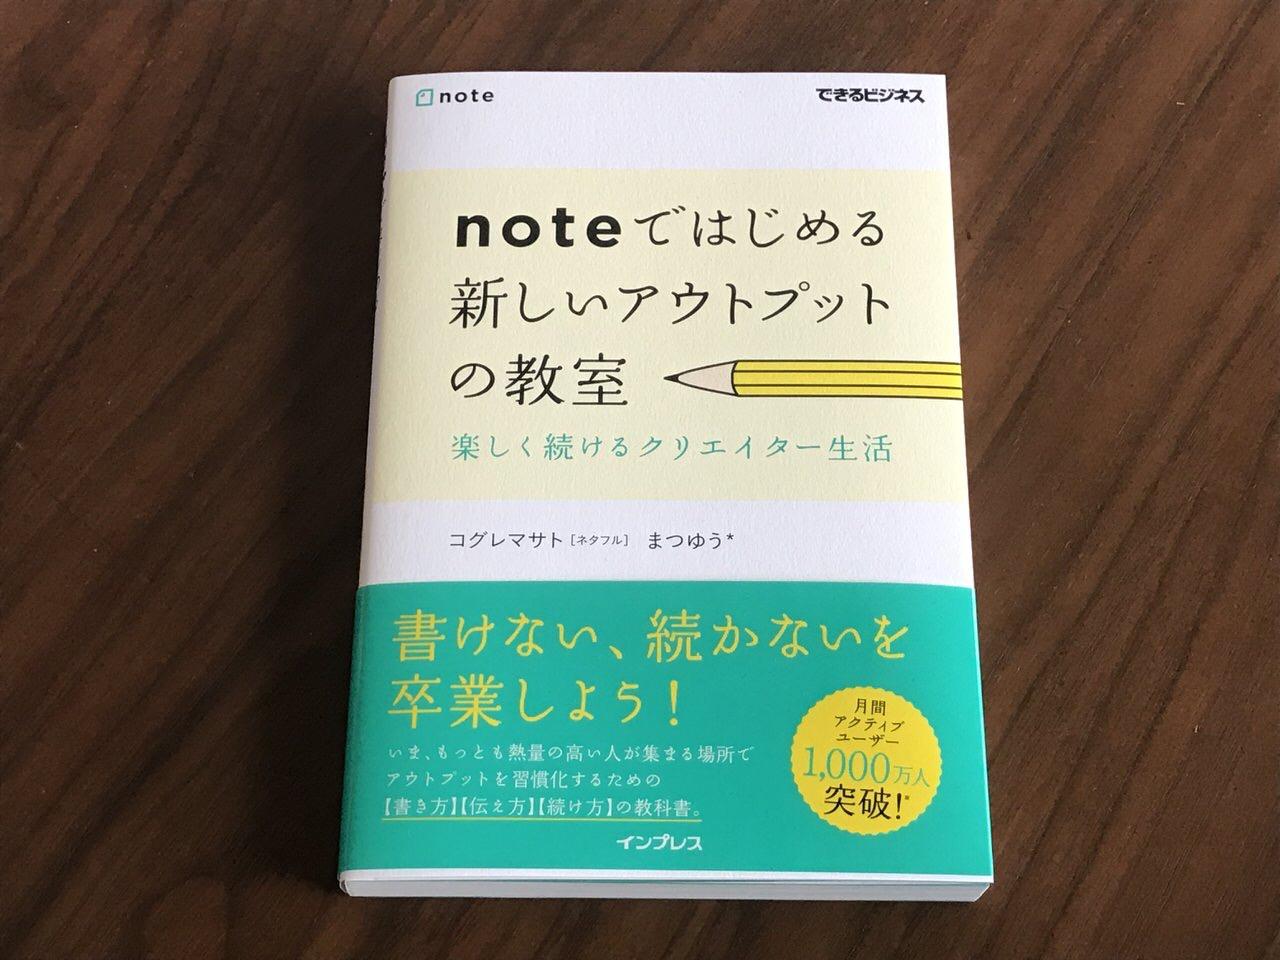 【本日発売】 #note本 「noteではじめる 新しいアウトプットの教室 楽しく続けるクリエイター生活」